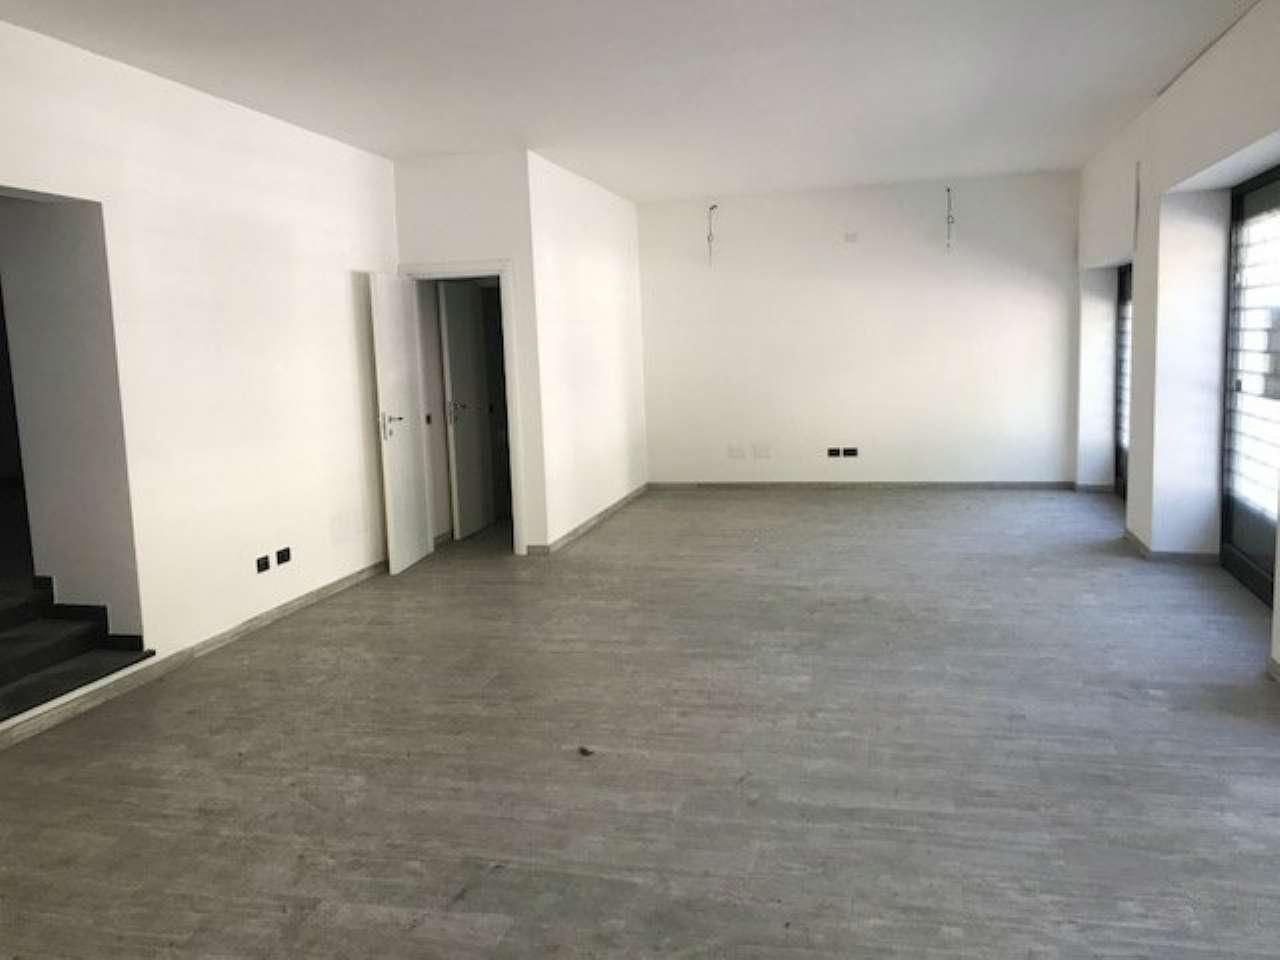 Negozio / Locale in affitto a Sassari, 4 locali, prezzo € 900   CambioCasa.it